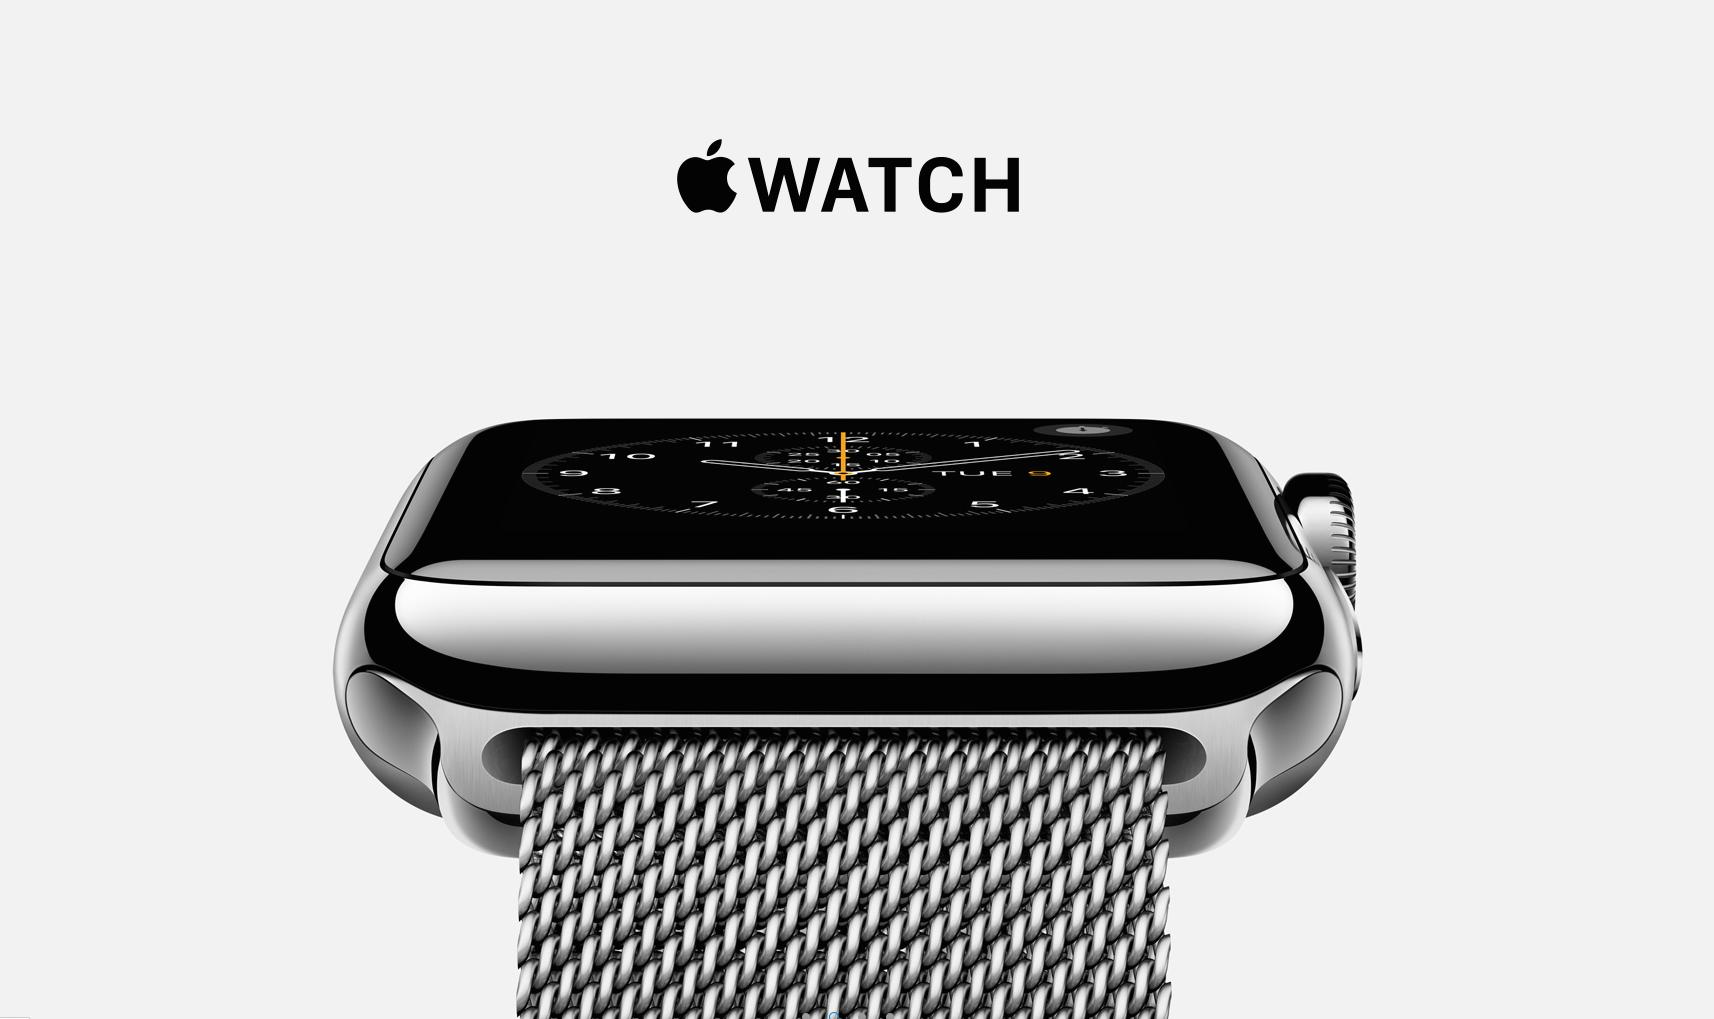 سهم اپل واچ از بازار جهانی اسمارت واچ ها در سه ماه دوم  سال 2015 ، 75 درصد است